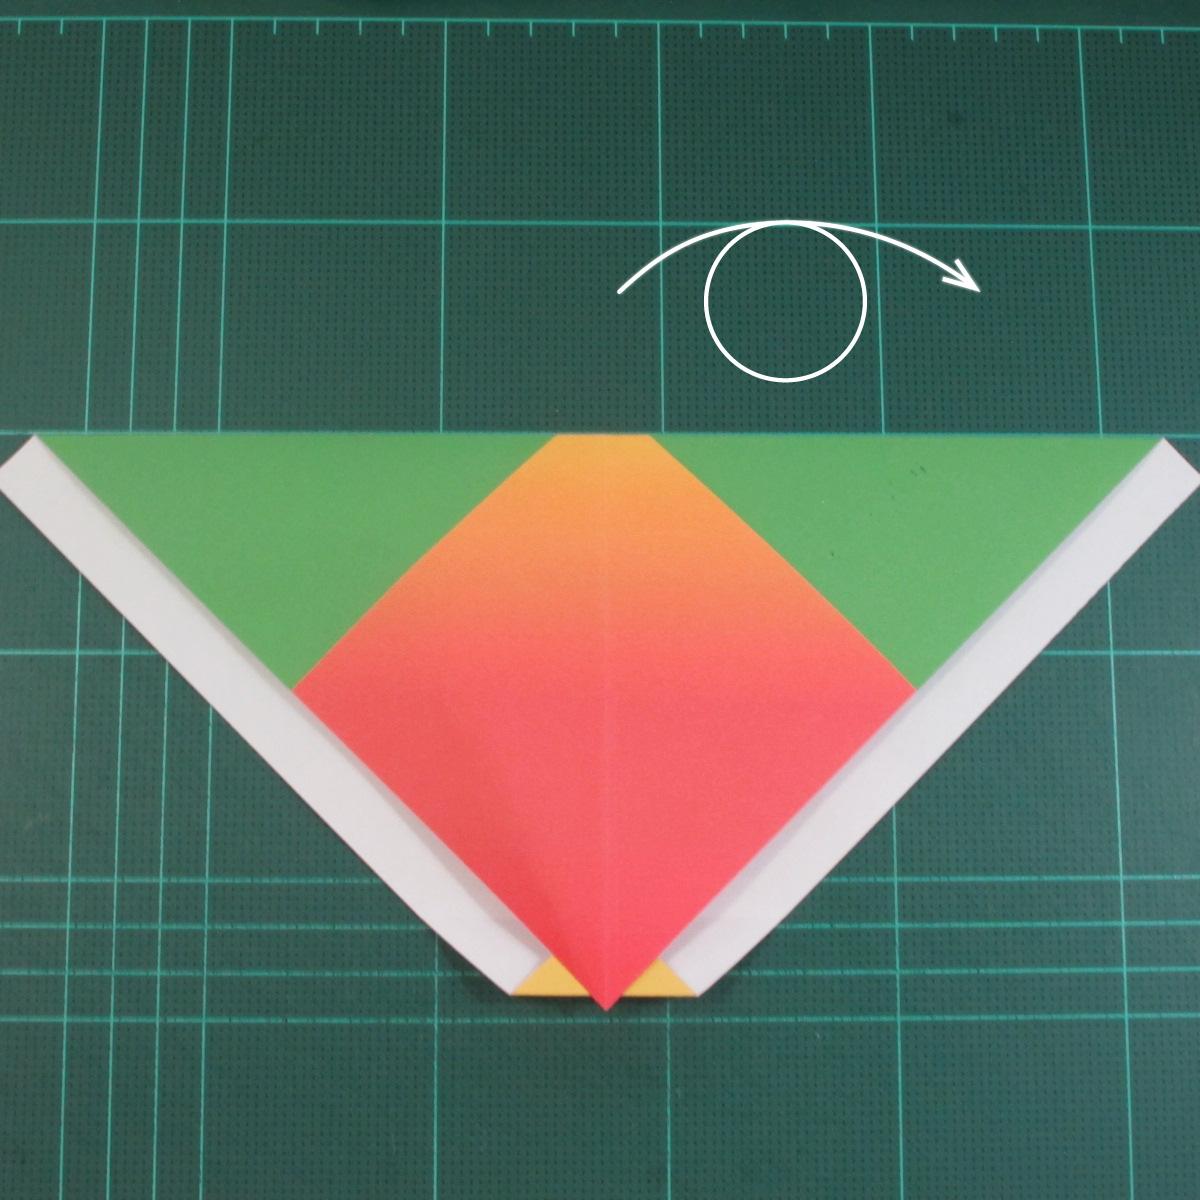 วิธีพับกระดาษเป็นรูปนกแก้ว (Origami Parrot) 006